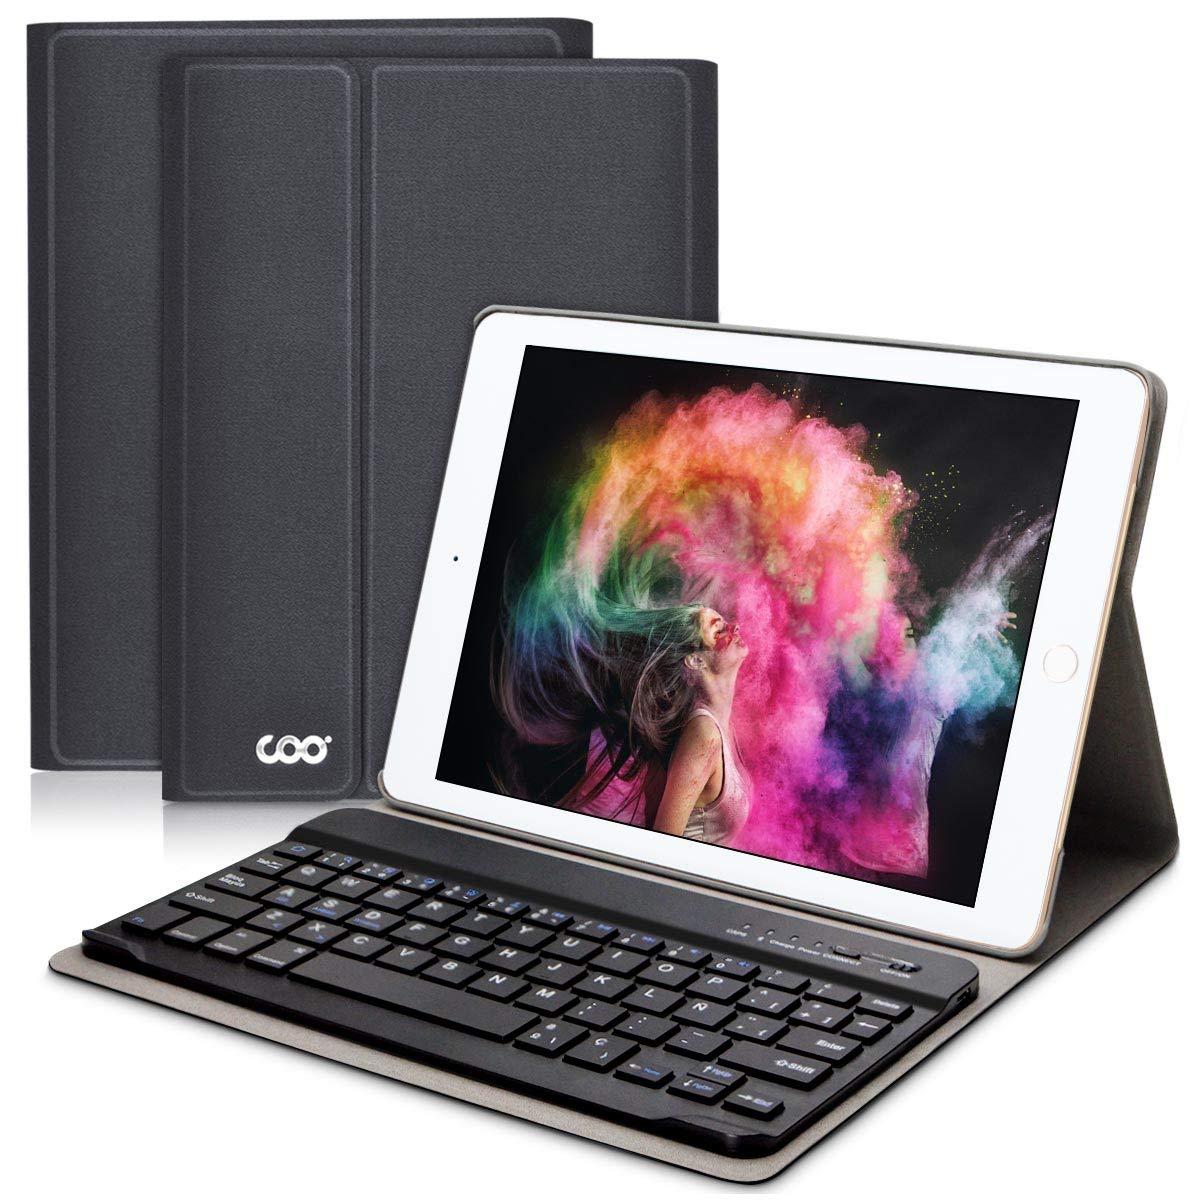 COO Funda con Teclado Español iPad 2018/2017, 9.7 Funda Ultraliviano con Teclado Bluetooth Inalámbrico para iPad Air 2/1, iPad 2018, iPad 2017, ...